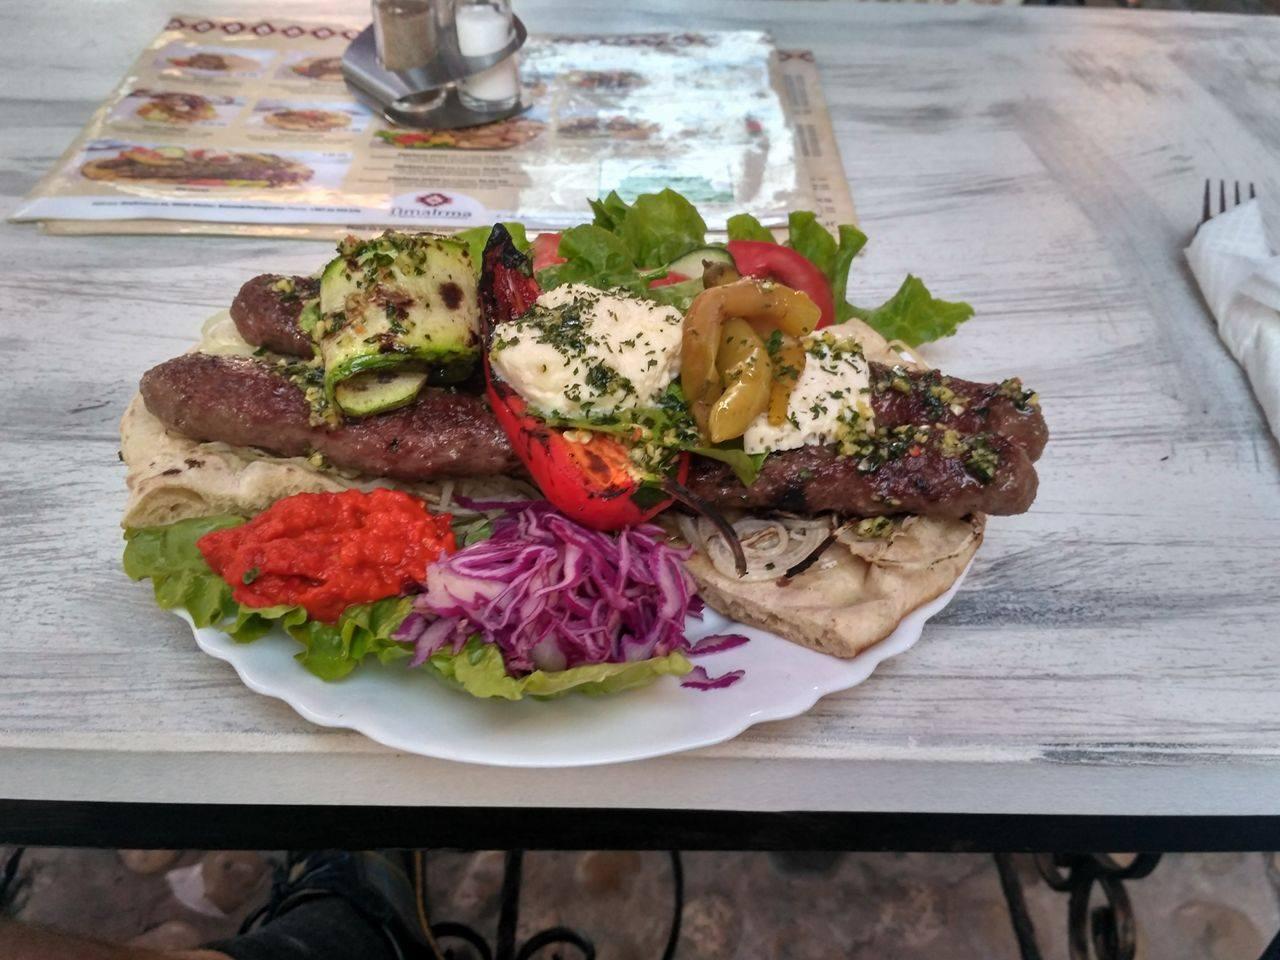 Ceny w Bośni i Hercegowinie - obiad w jednym z drószych miejsc w kraju - Mostarze - 9 KM ( 18 zł )